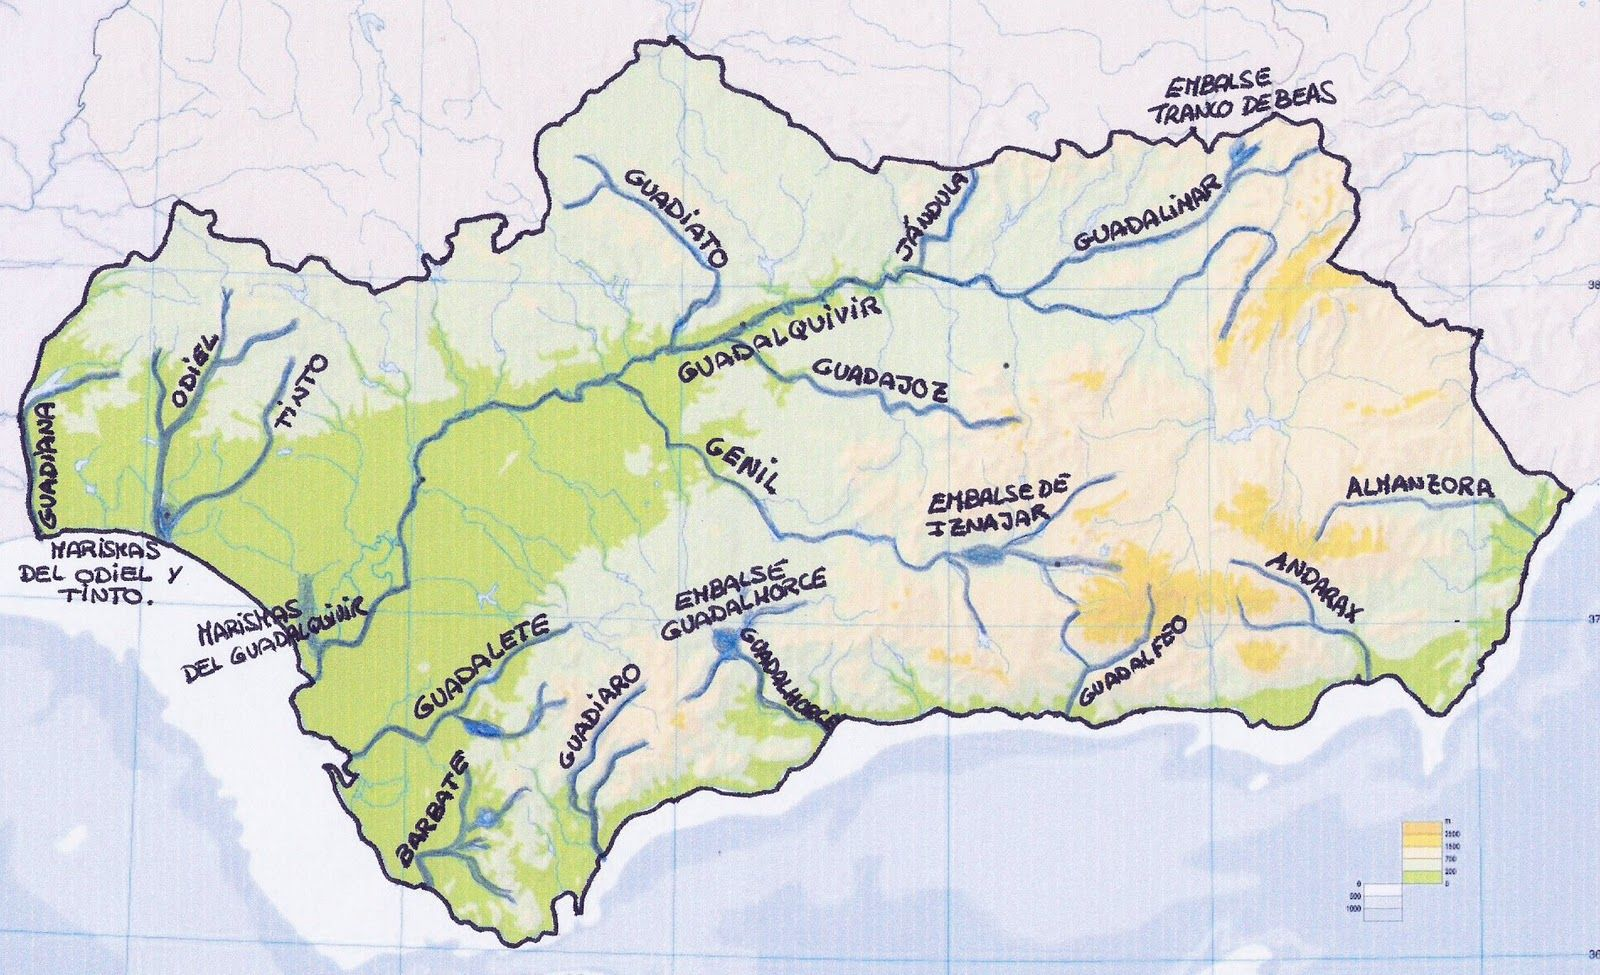 Mapa Rios De Andalucia.Sociarrecife Principales Rios De Andalucia Andalucia Imprimir Dibujos Para Colorear Ensenanza Aprendizaje